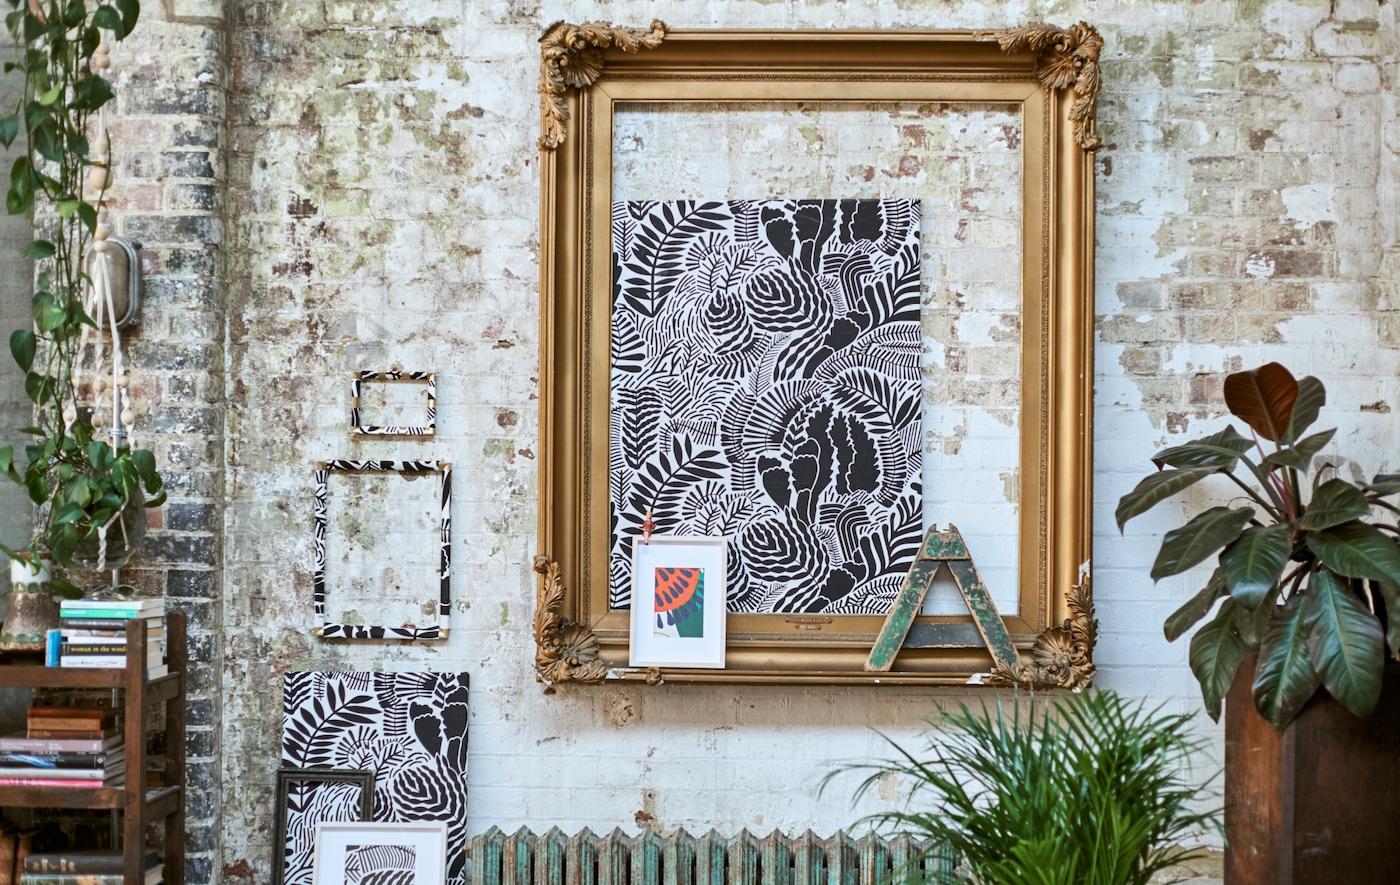 Uma galeria de tecidos com padrões, emoldurados numa moldura grande em dourado e colocados numa parede em alvenaria, plantas suspensas e uma estante baixa.